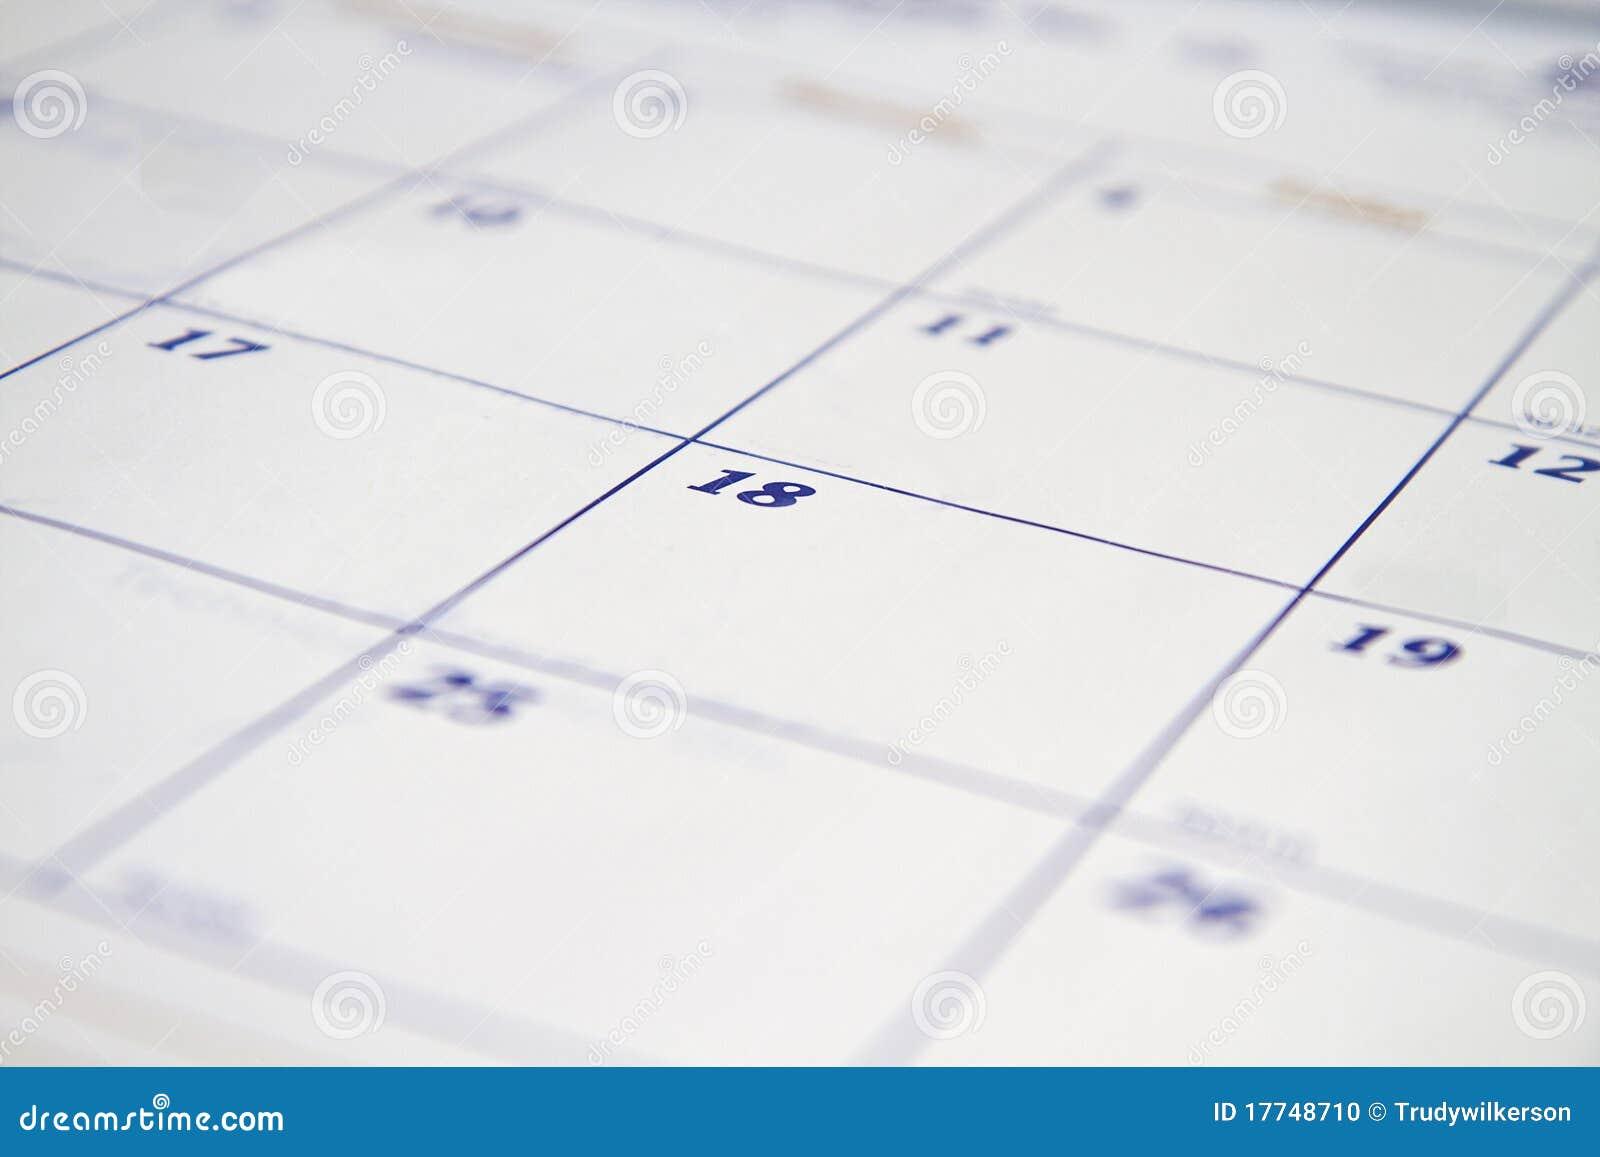 Календарь фон для презентации